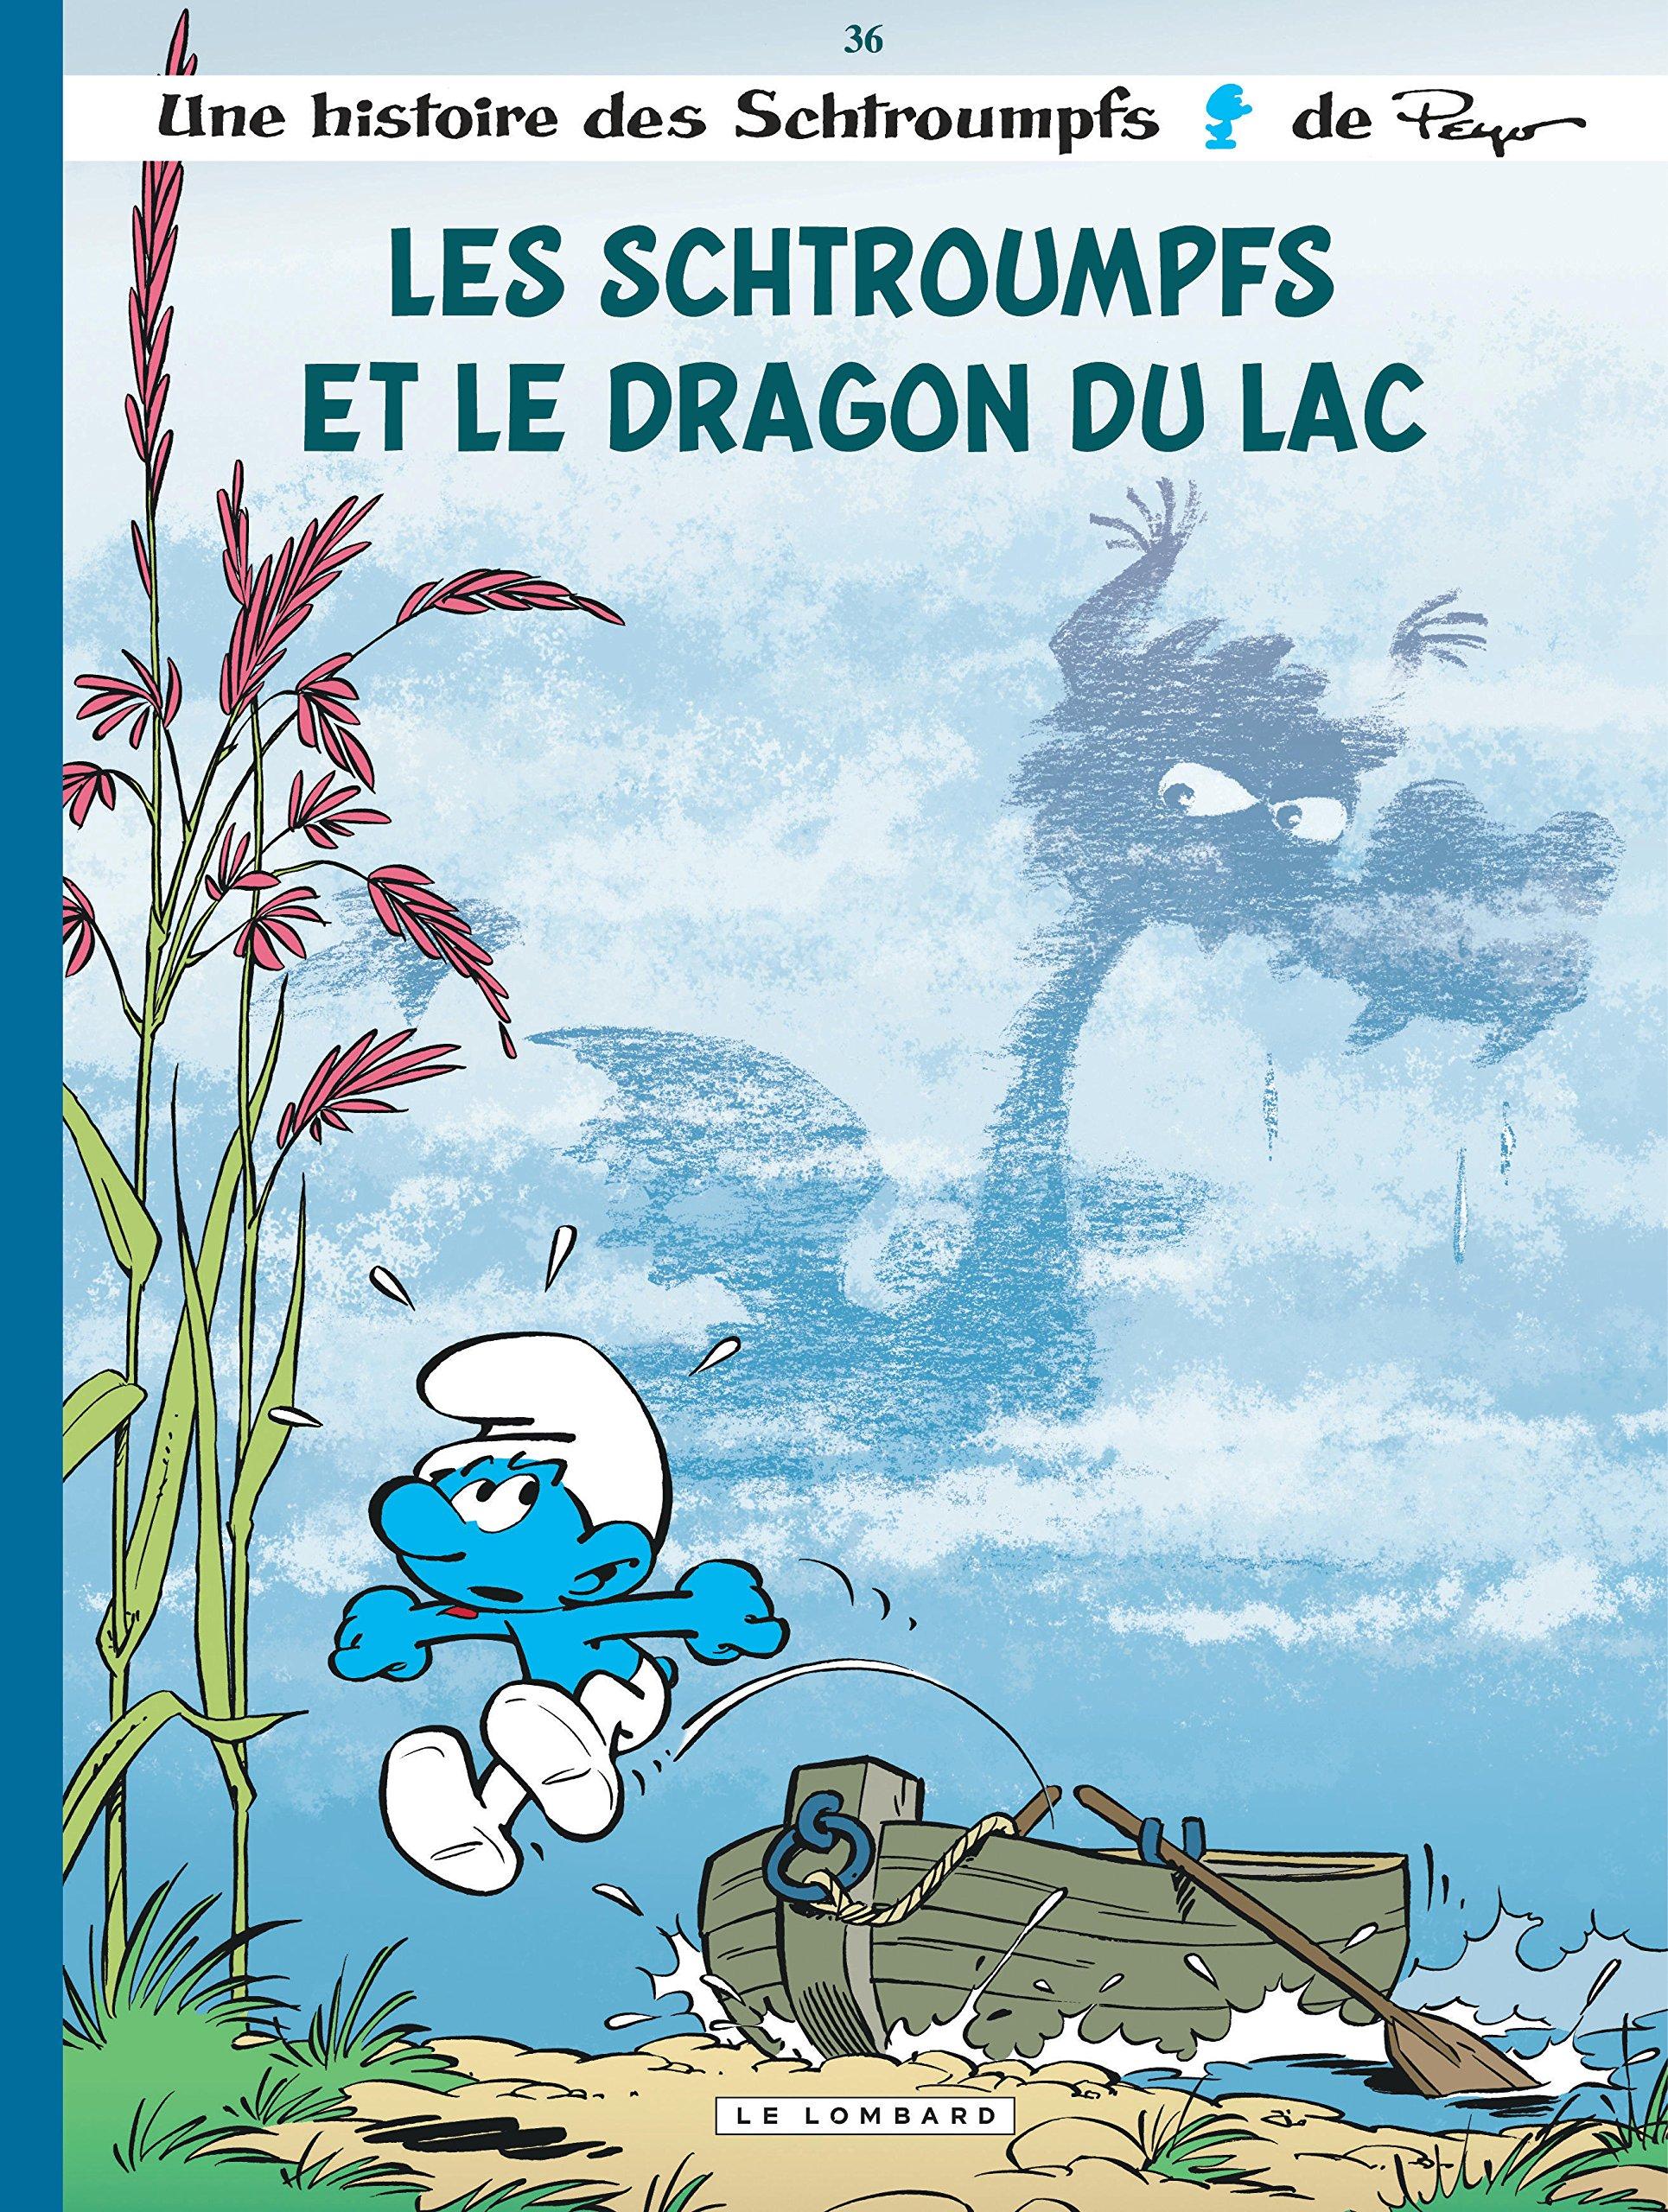 Les Schtroumpfs 36 - Les Schtroumpfs et le dragon du lac